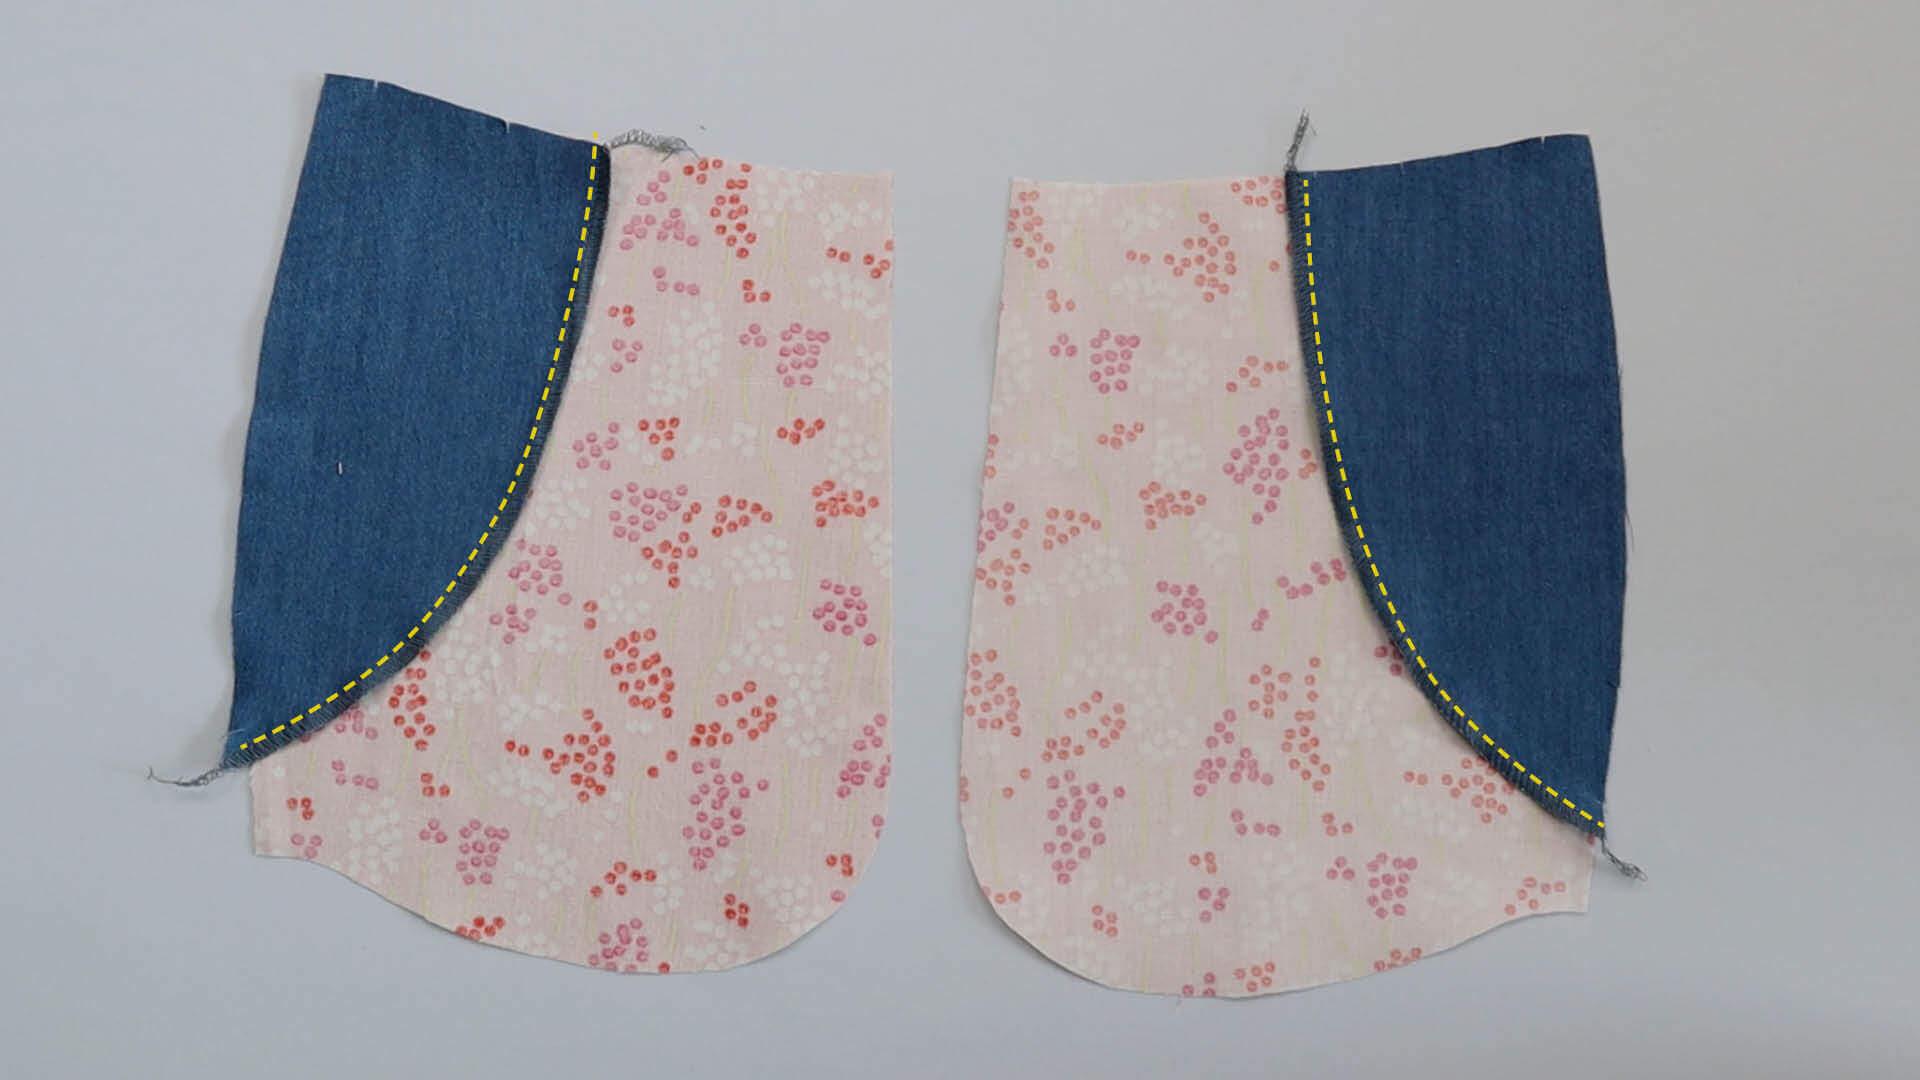 Taschenbelege auf untere Taschenbeutel steppen